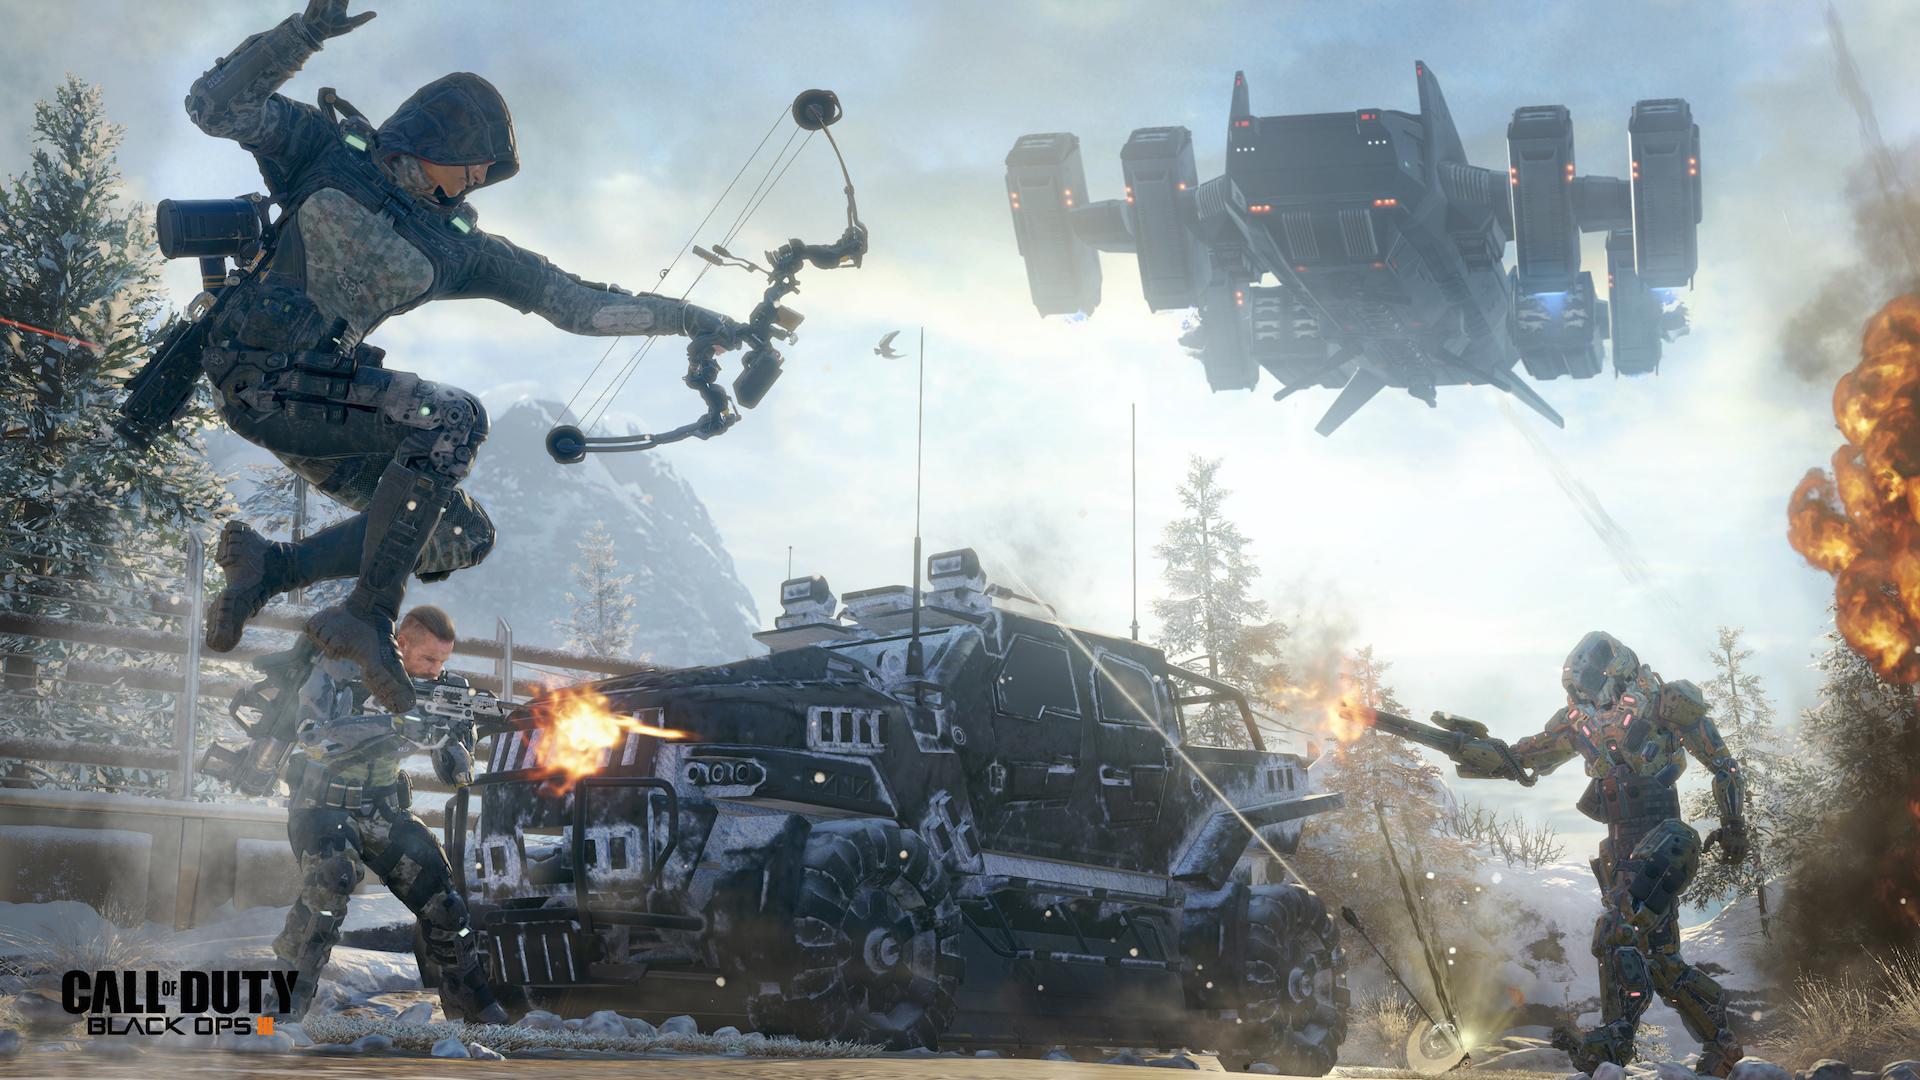 Com Call of Duty Points, CoD: Black Ops 3 passa a ter microtransação